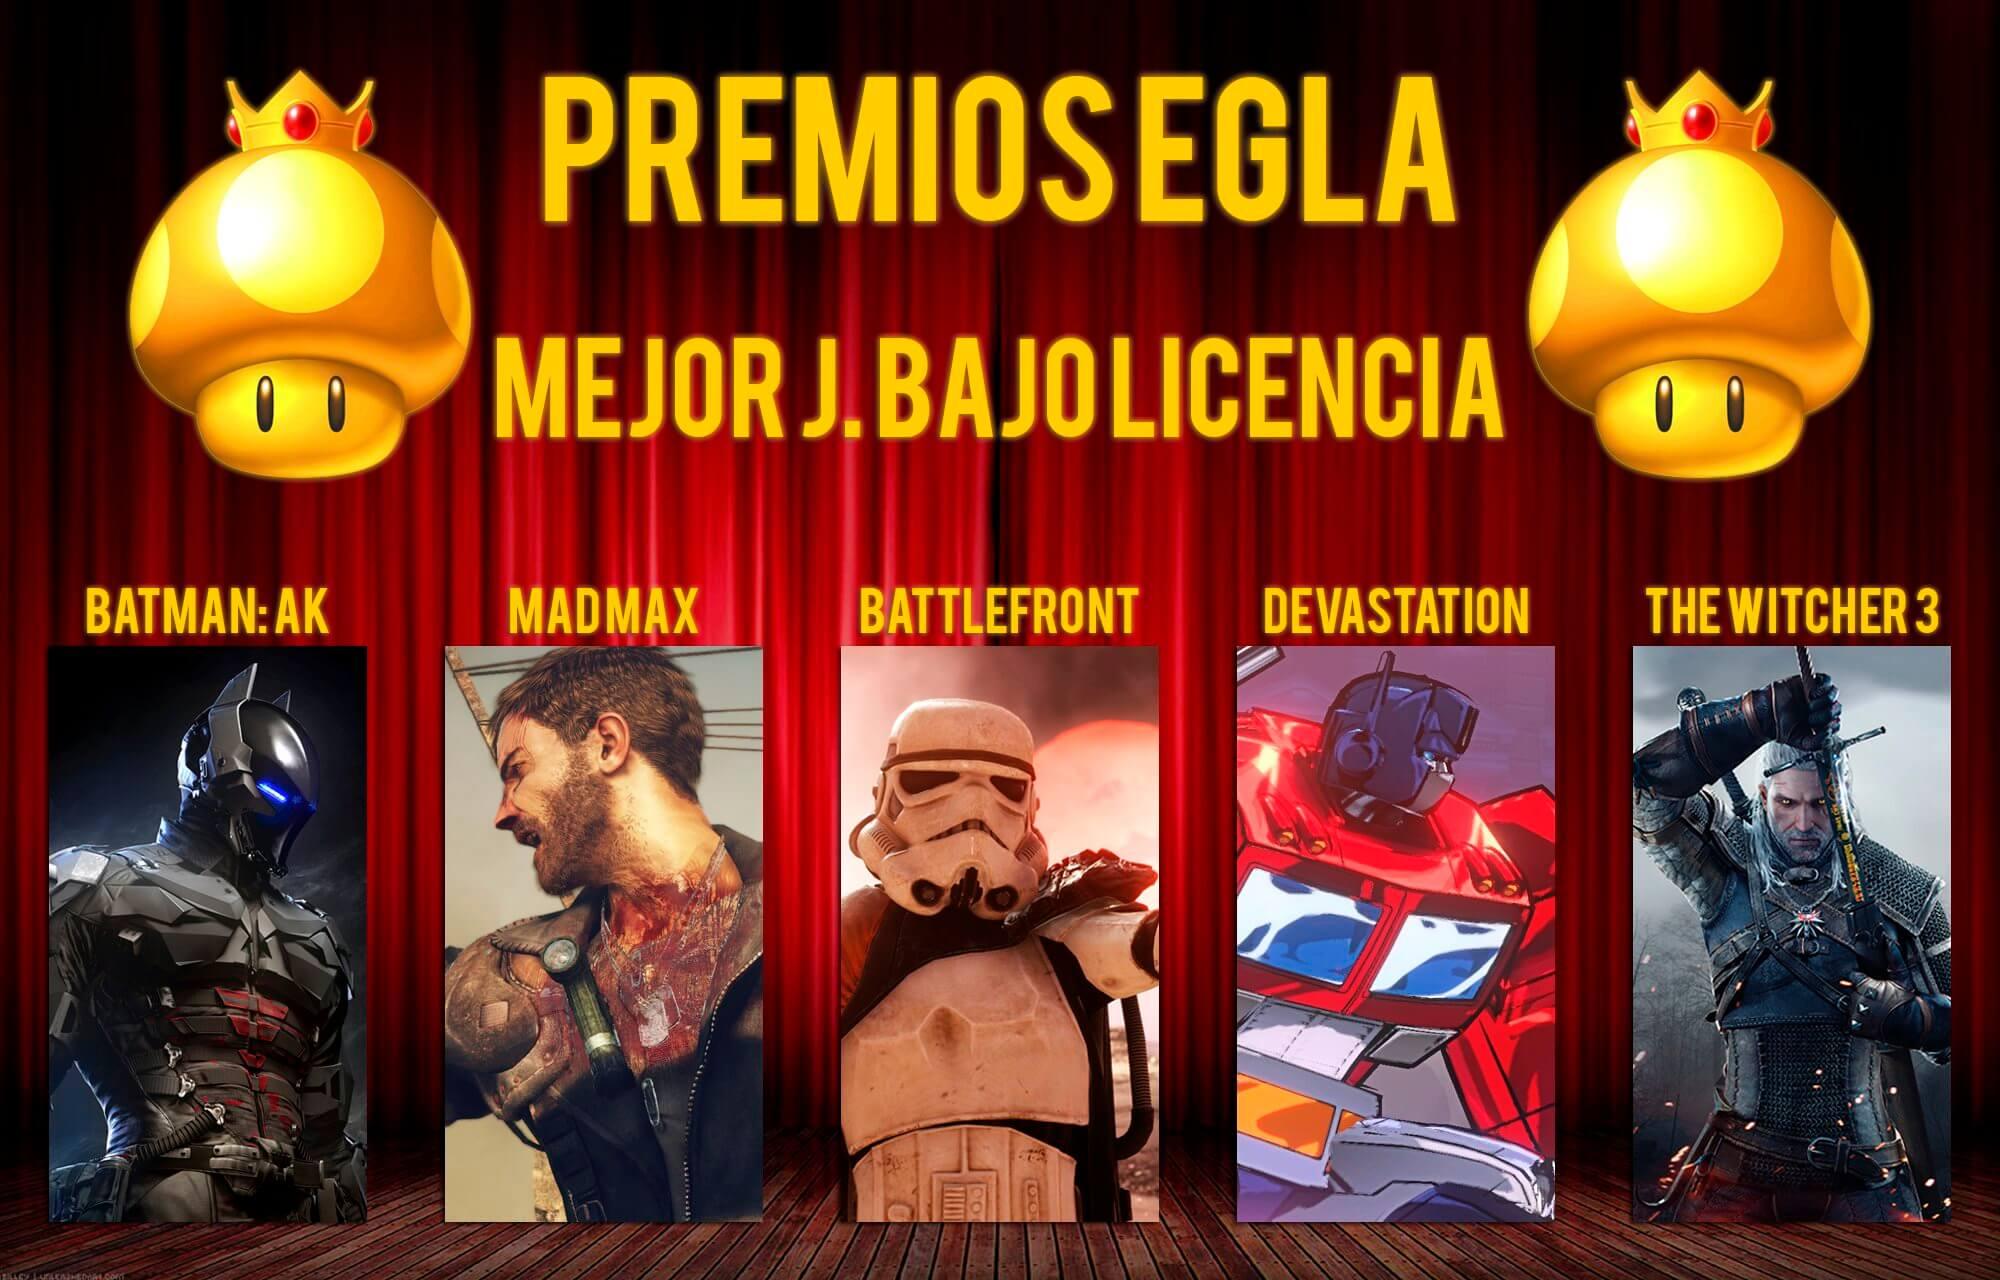 Premios EGLA 2015 Mejor juego bajo licencia